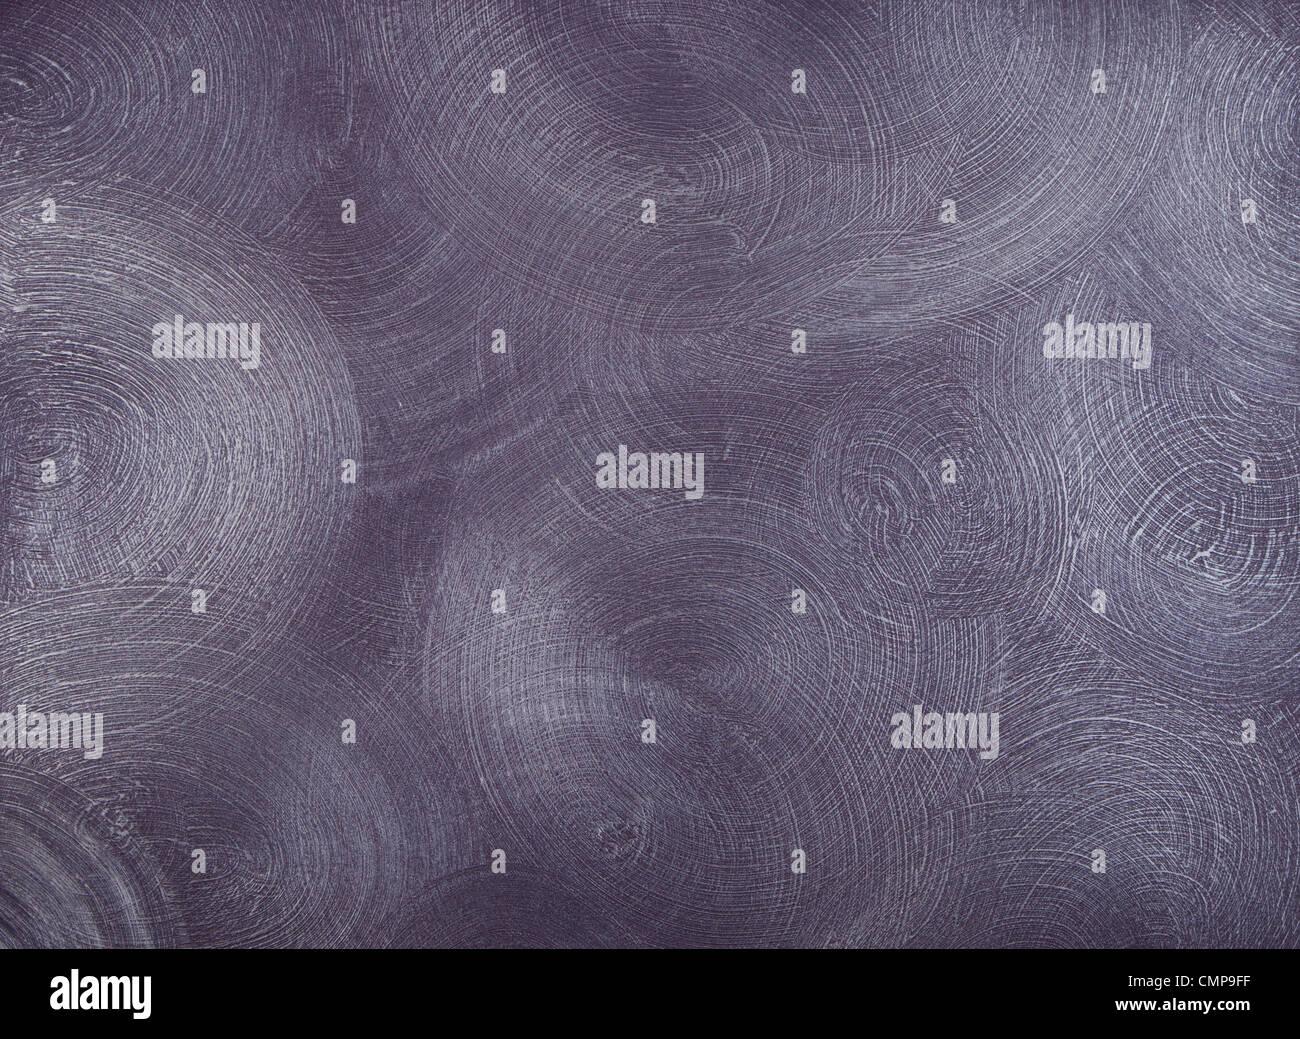 La textura de las paredes cubiertas con pintura de color púrpura, con frecuentes, redondo, céntrico trazos. Imagen De Stock